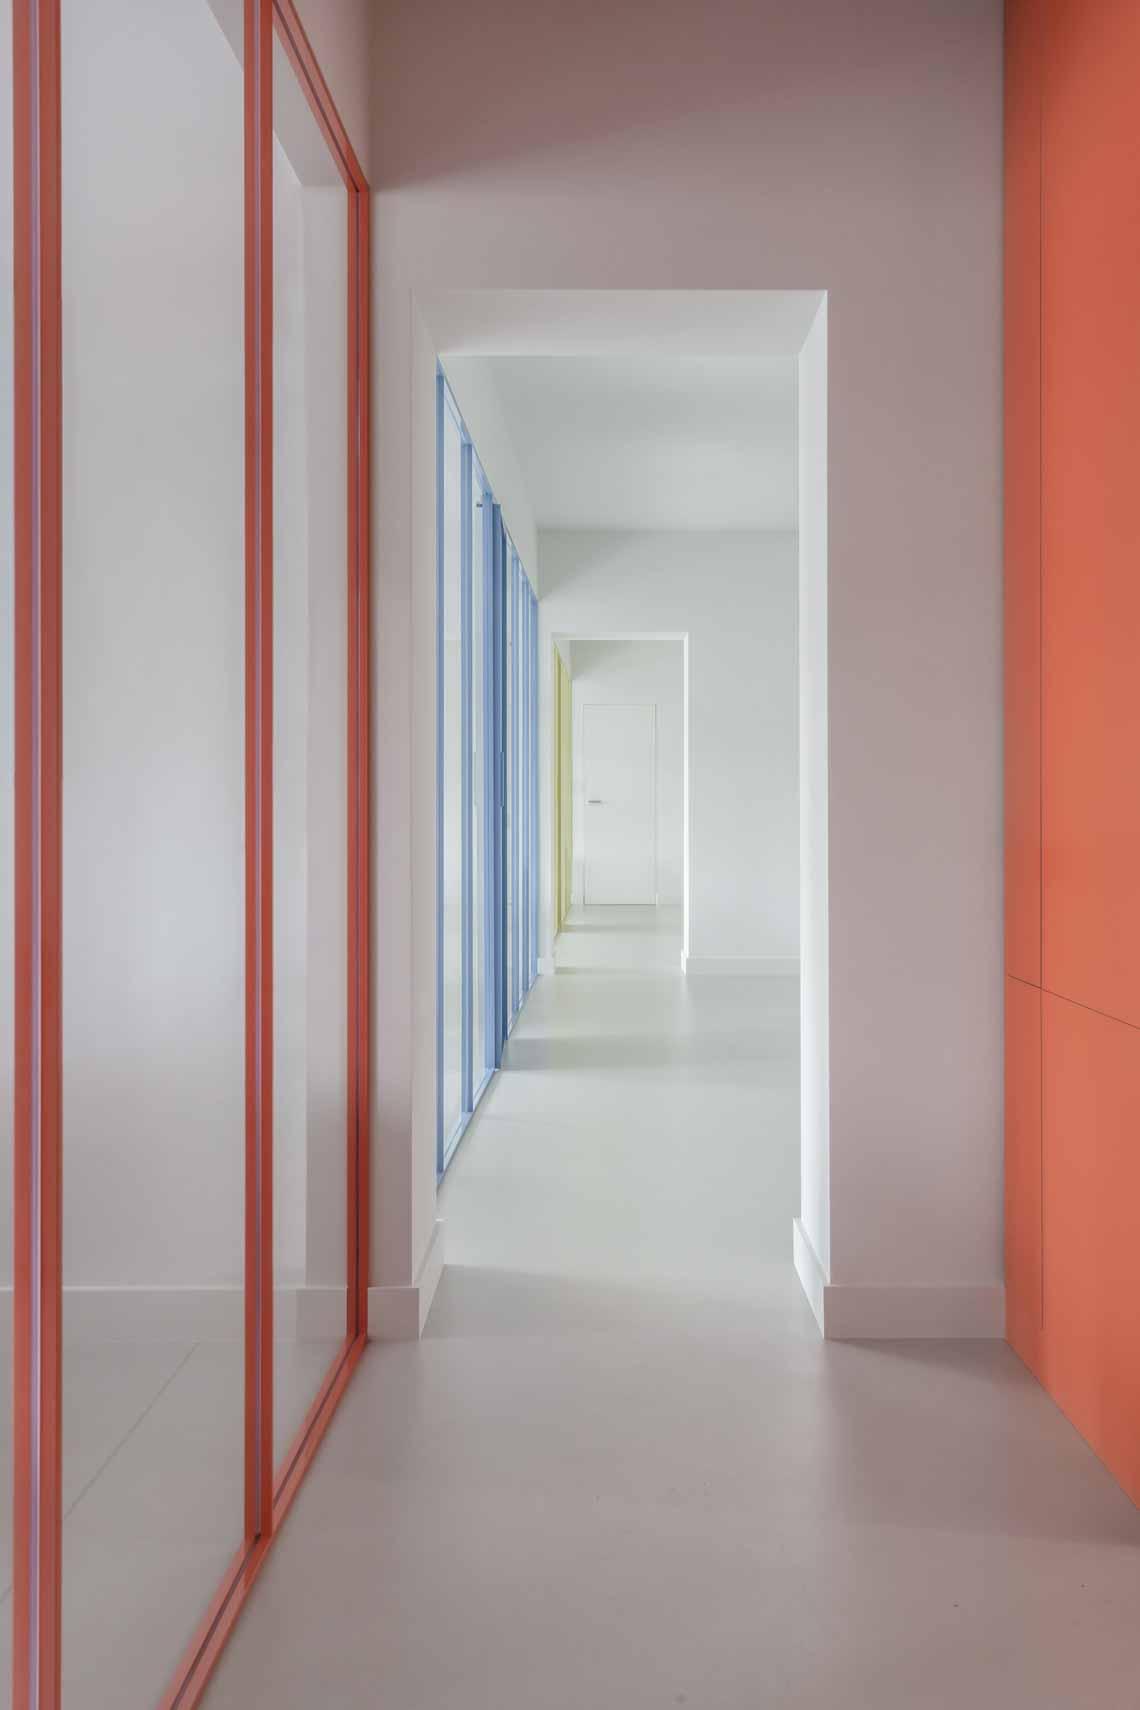 Dự án FG OFF – Một văn phòng không gian hình học màu cam -13